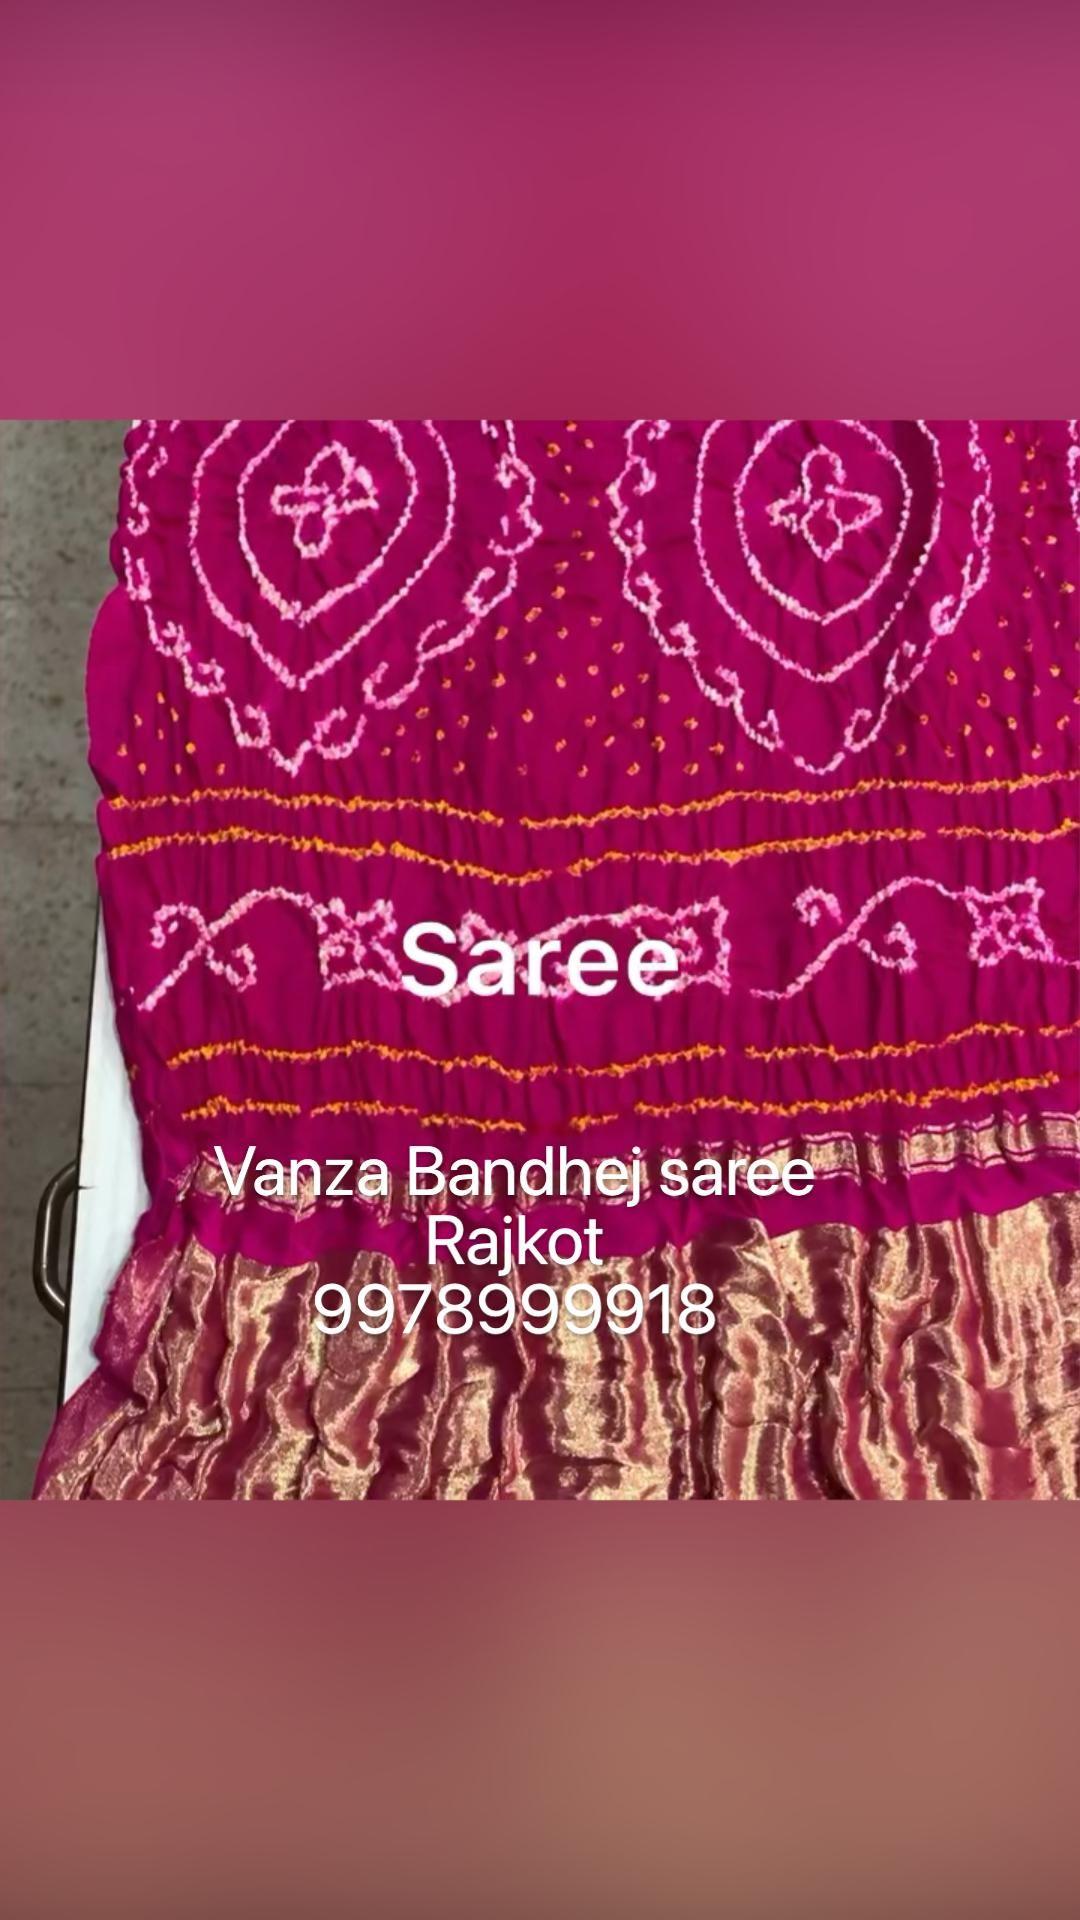 Vanza Bandhej saree  Rajkot  9978999918